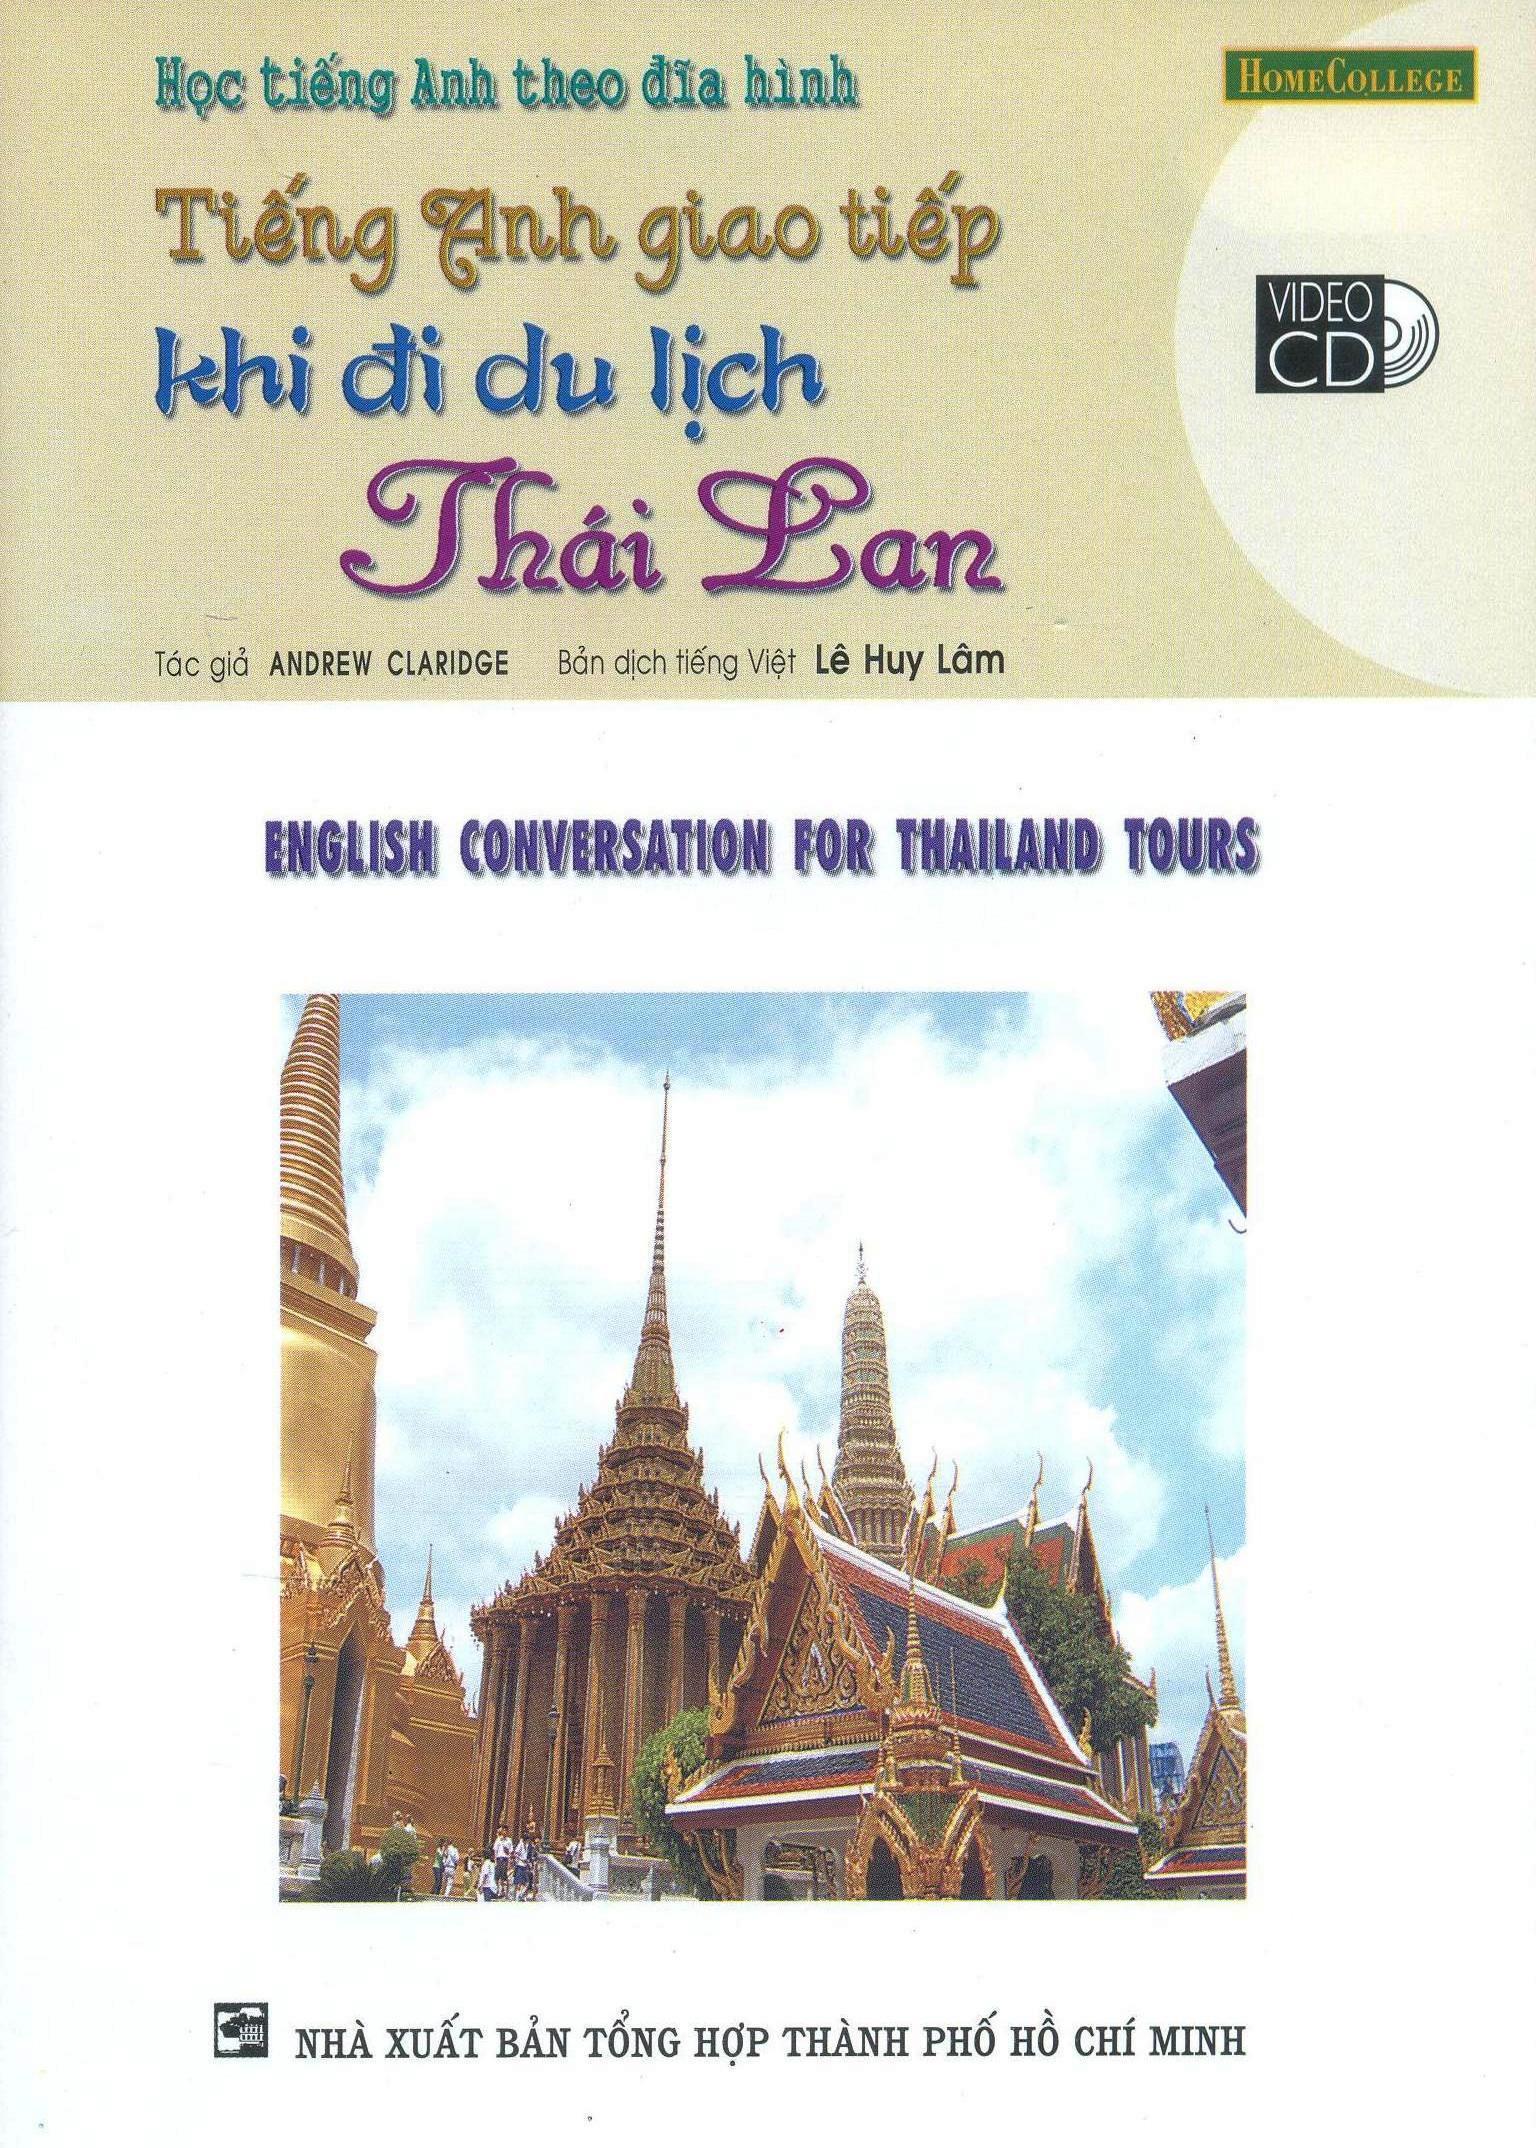 Học Tiếng Anh Theo Đĩa Hình - Tiếng Anh Giao Tiếp Khi Đi Du Lịch Thái Lan (Kèm 1 VCD) - Tái bản 09/2006